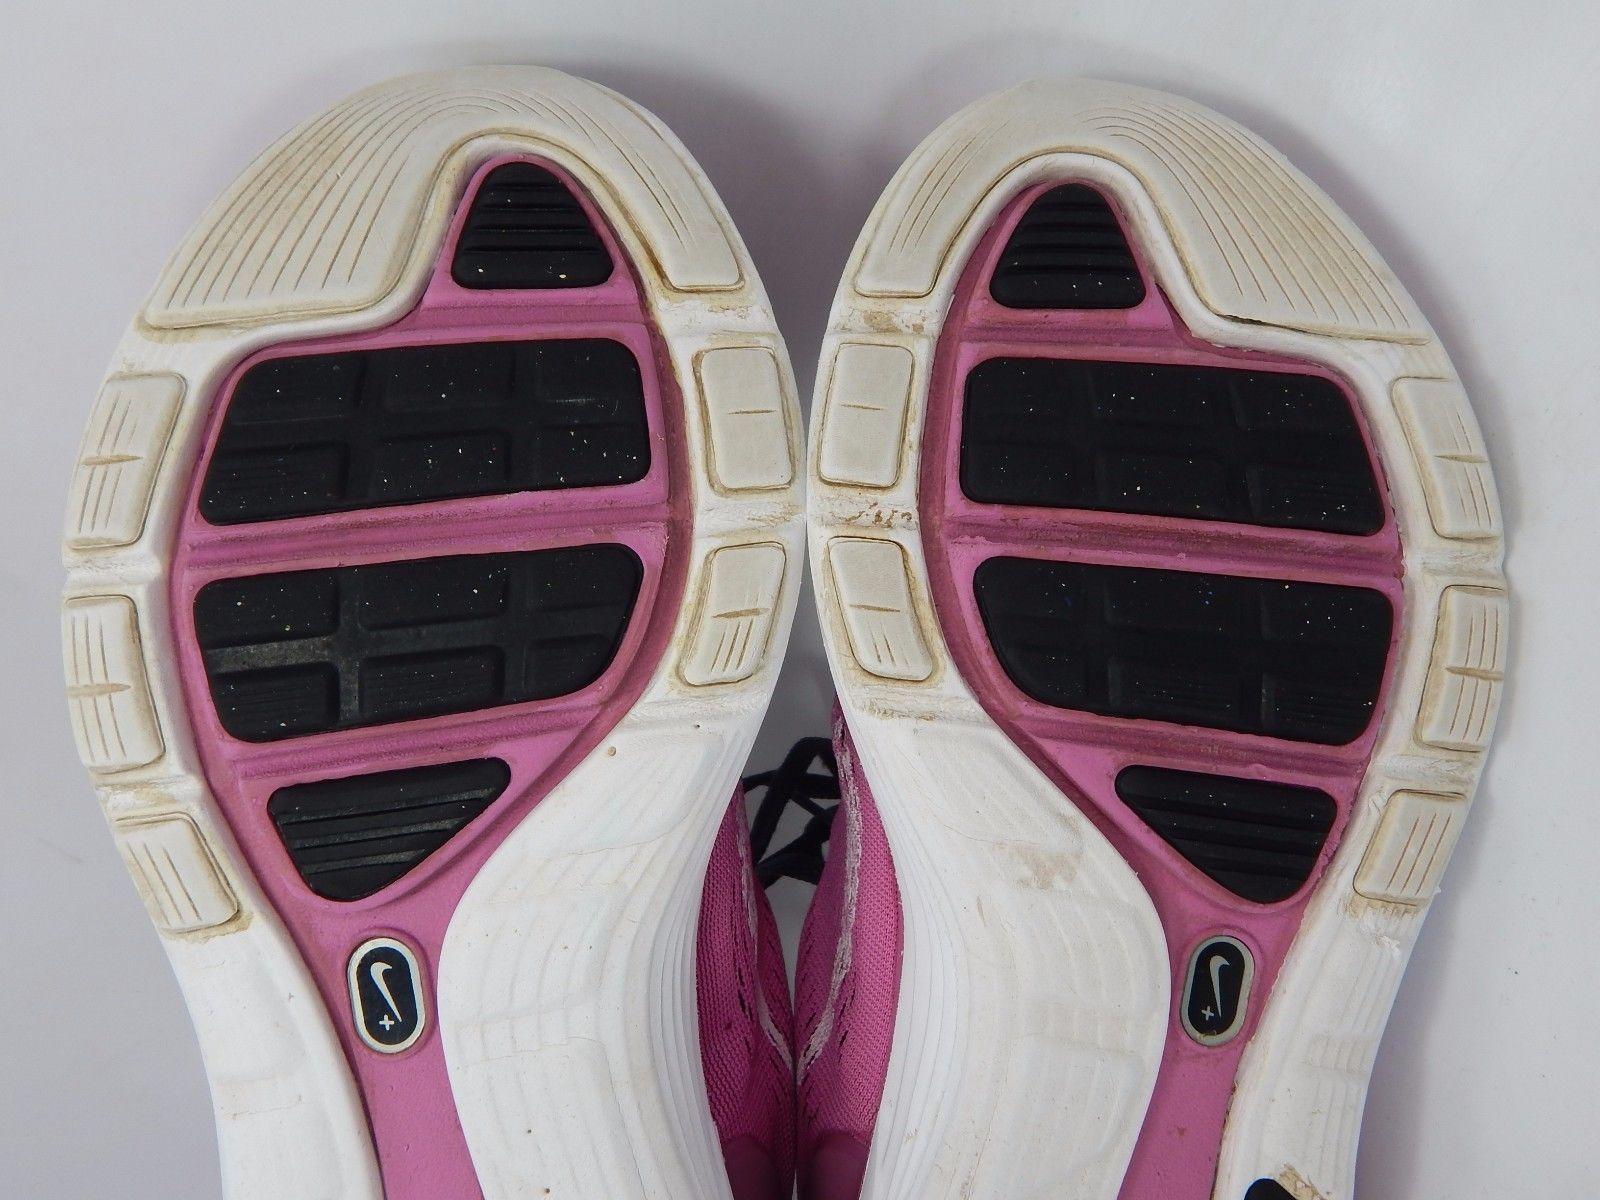 NIKE LUNARGLIDE +5 WOMEN'S RUNNING SHOES SIZE US 6 M (B) EU 36.5 PINK 599395-610